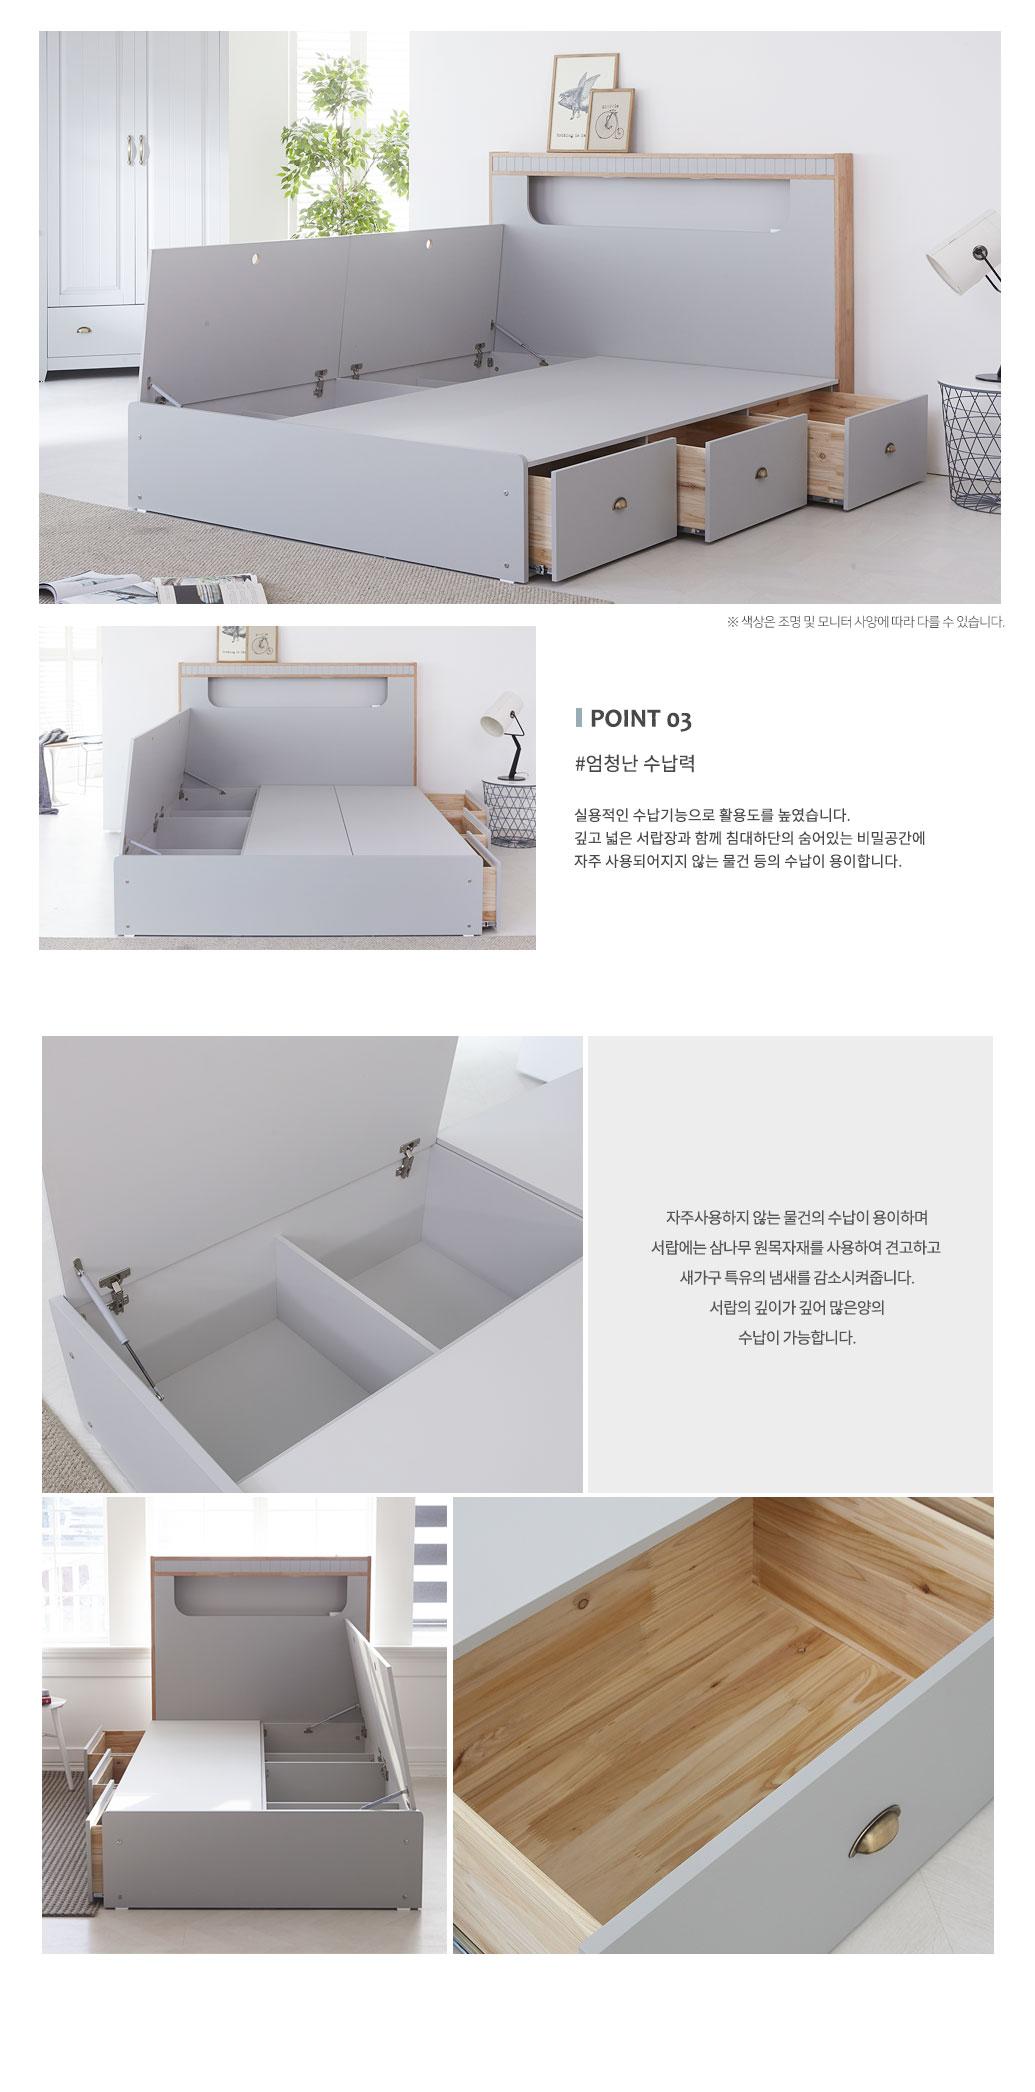 raffiel_bed_05.jpg